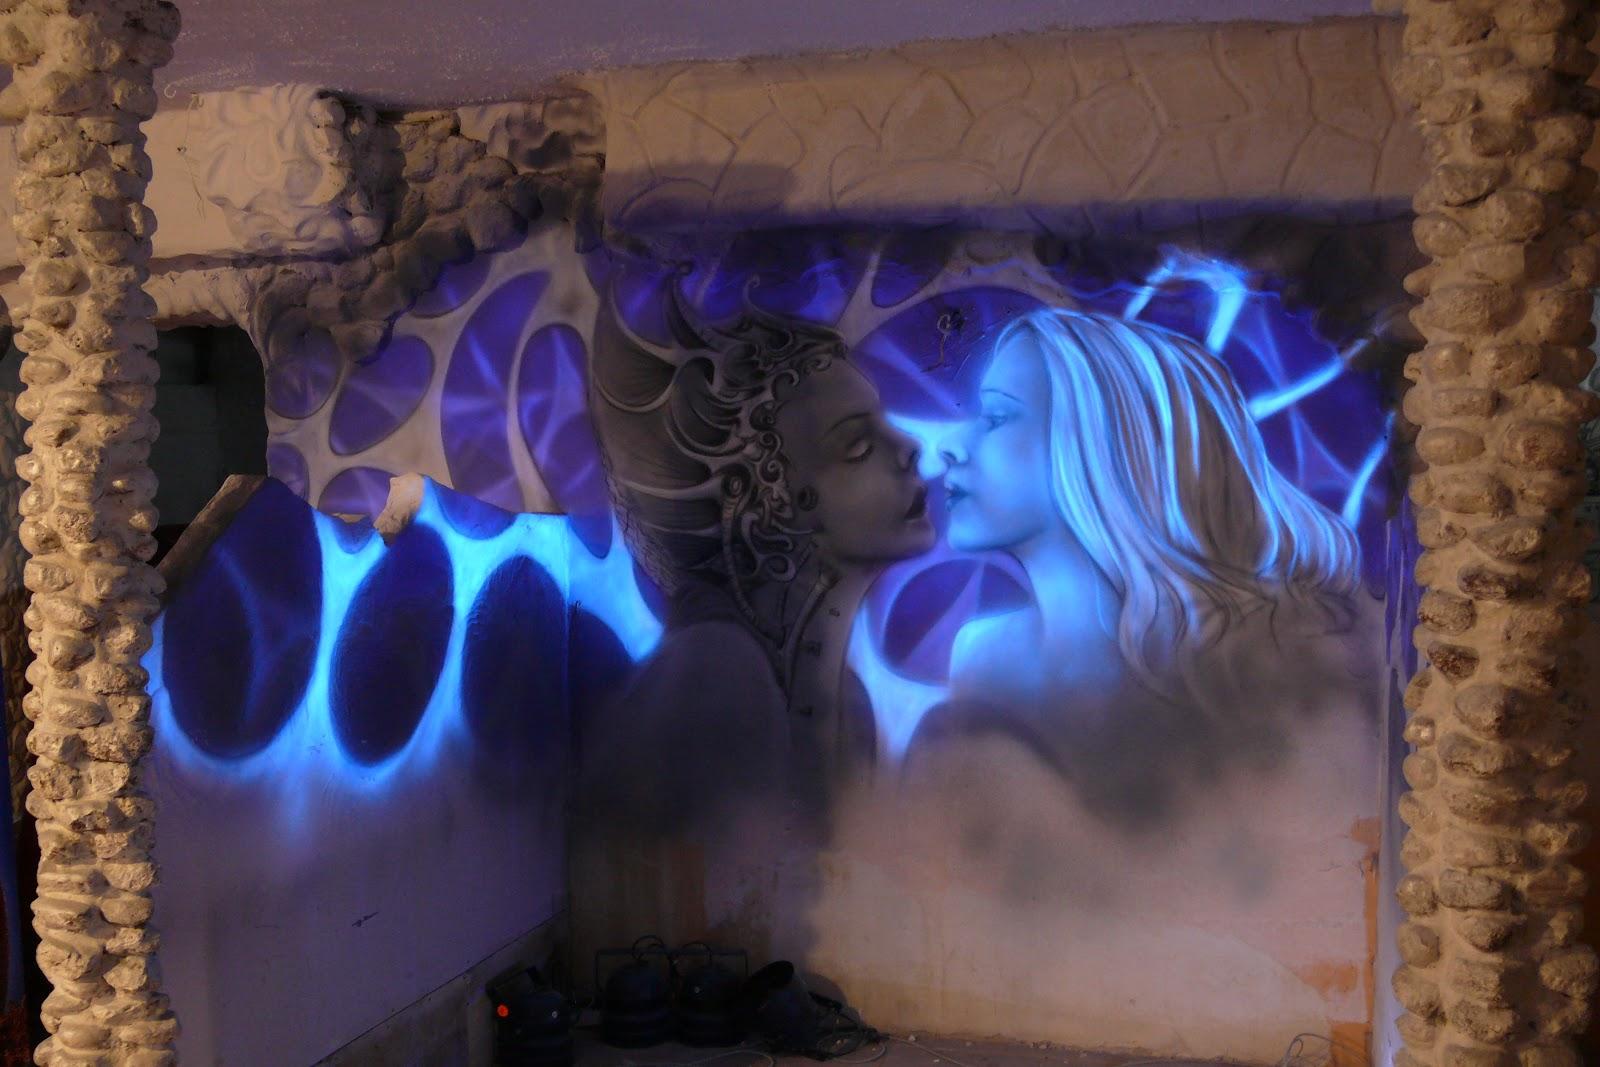 Mural luminescencyjny, świecenie ścian w ciemności, ciekawy sposób na zagospodarowanie ścian wklubie, black light mural